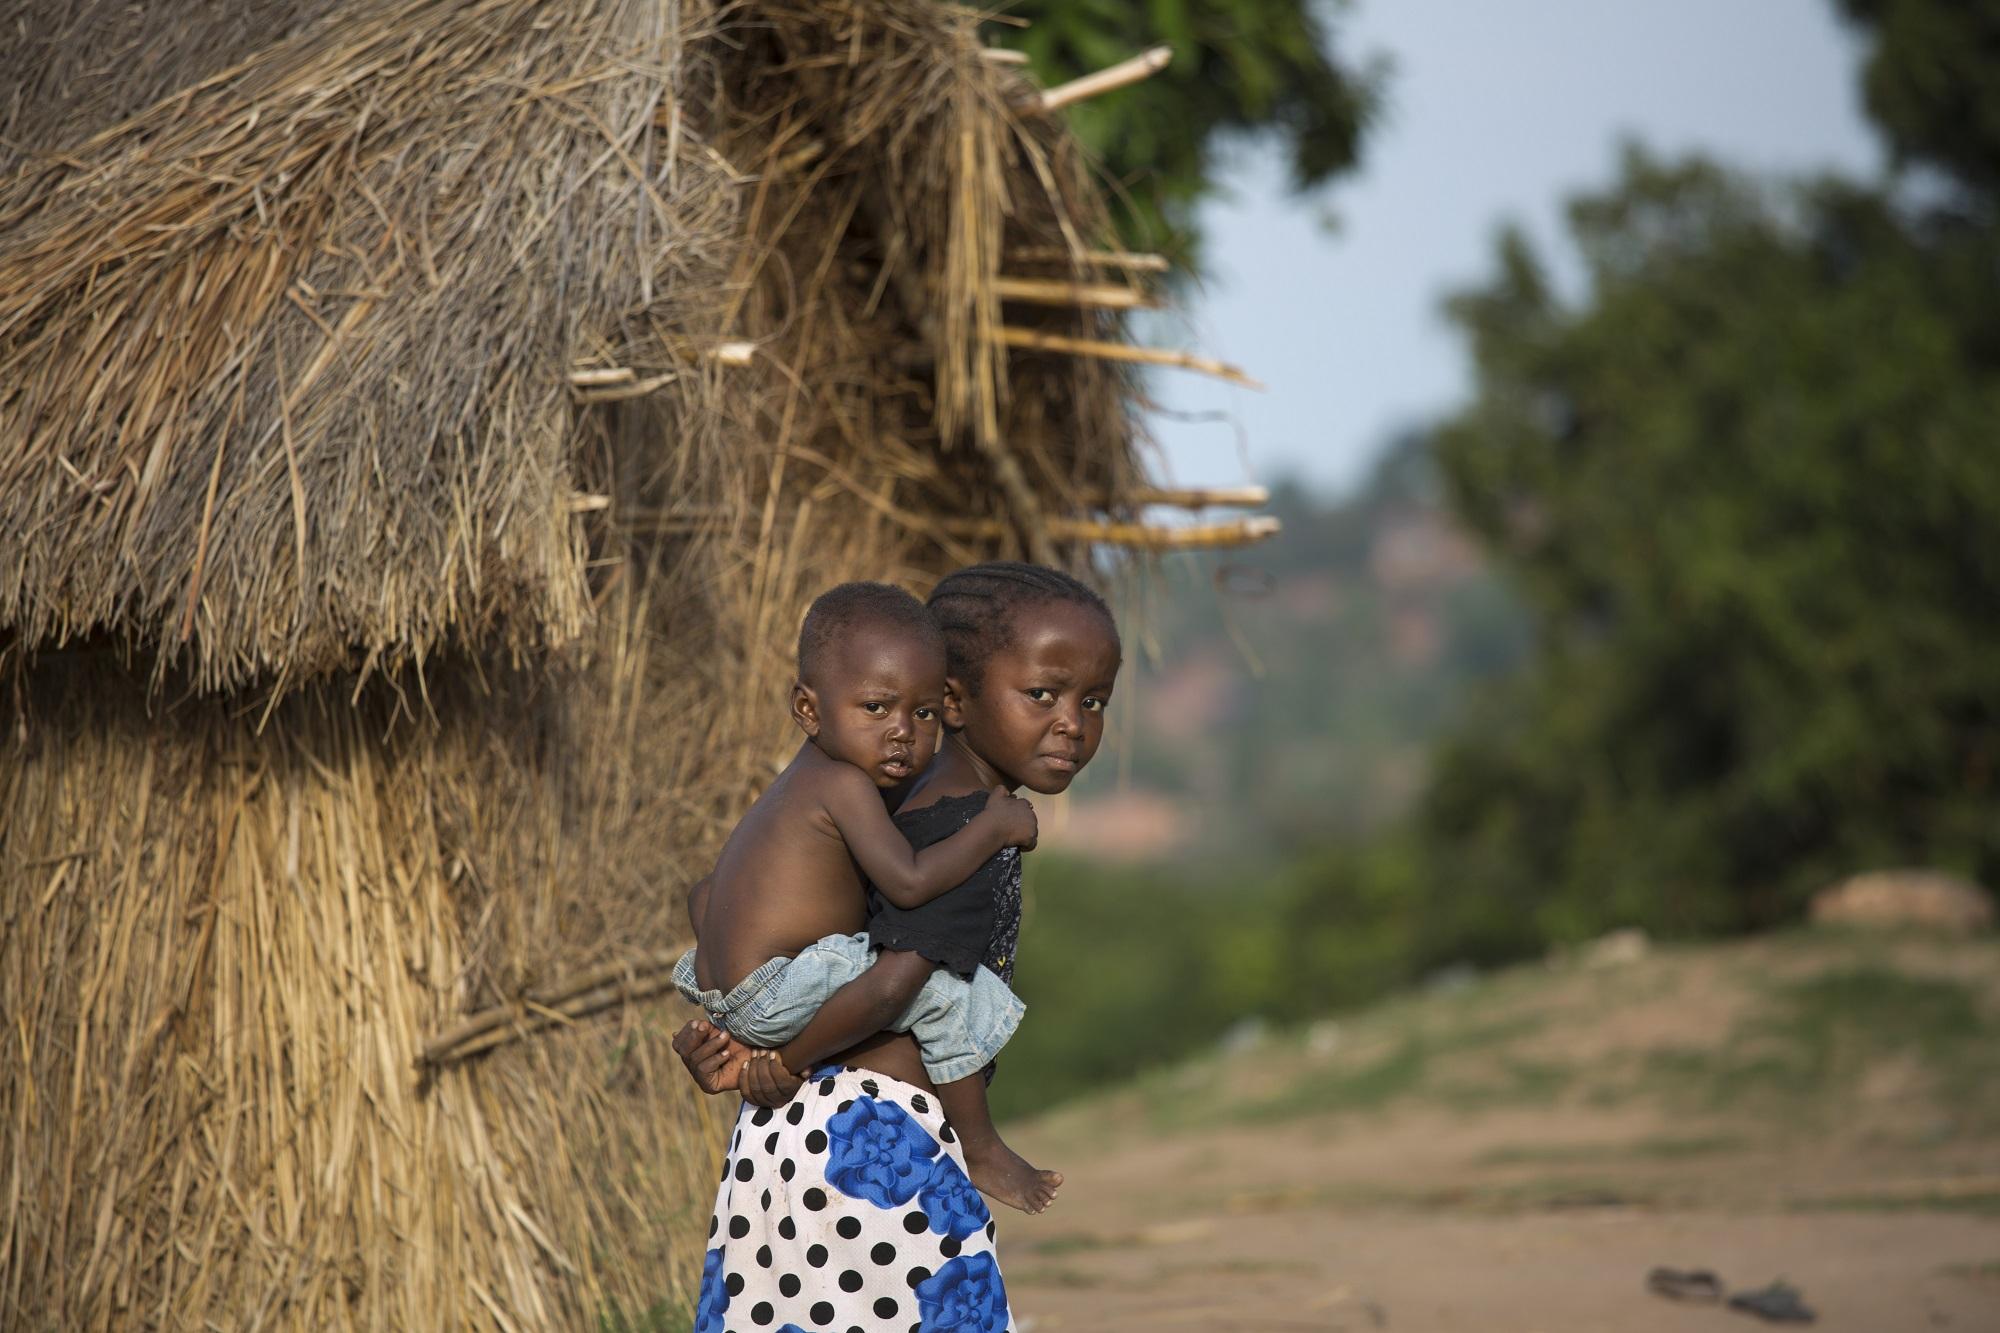 L'exploitation économique des enfants est devenue flagrant depuis la fermeture des écoles en RDC à cause de la pandémie de coronavirus.